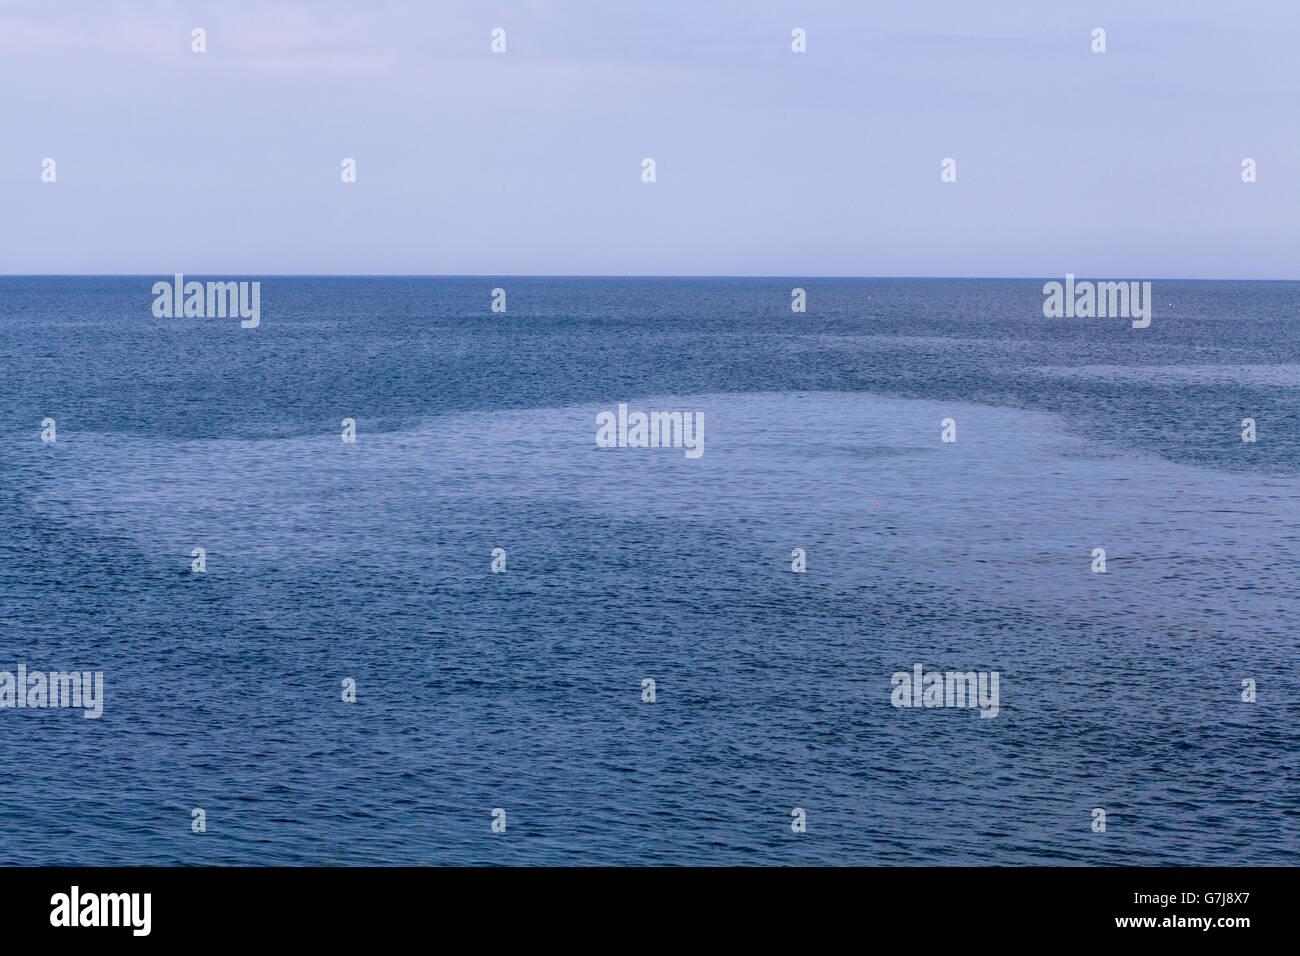 Atlantic Ocean view - Stock Image